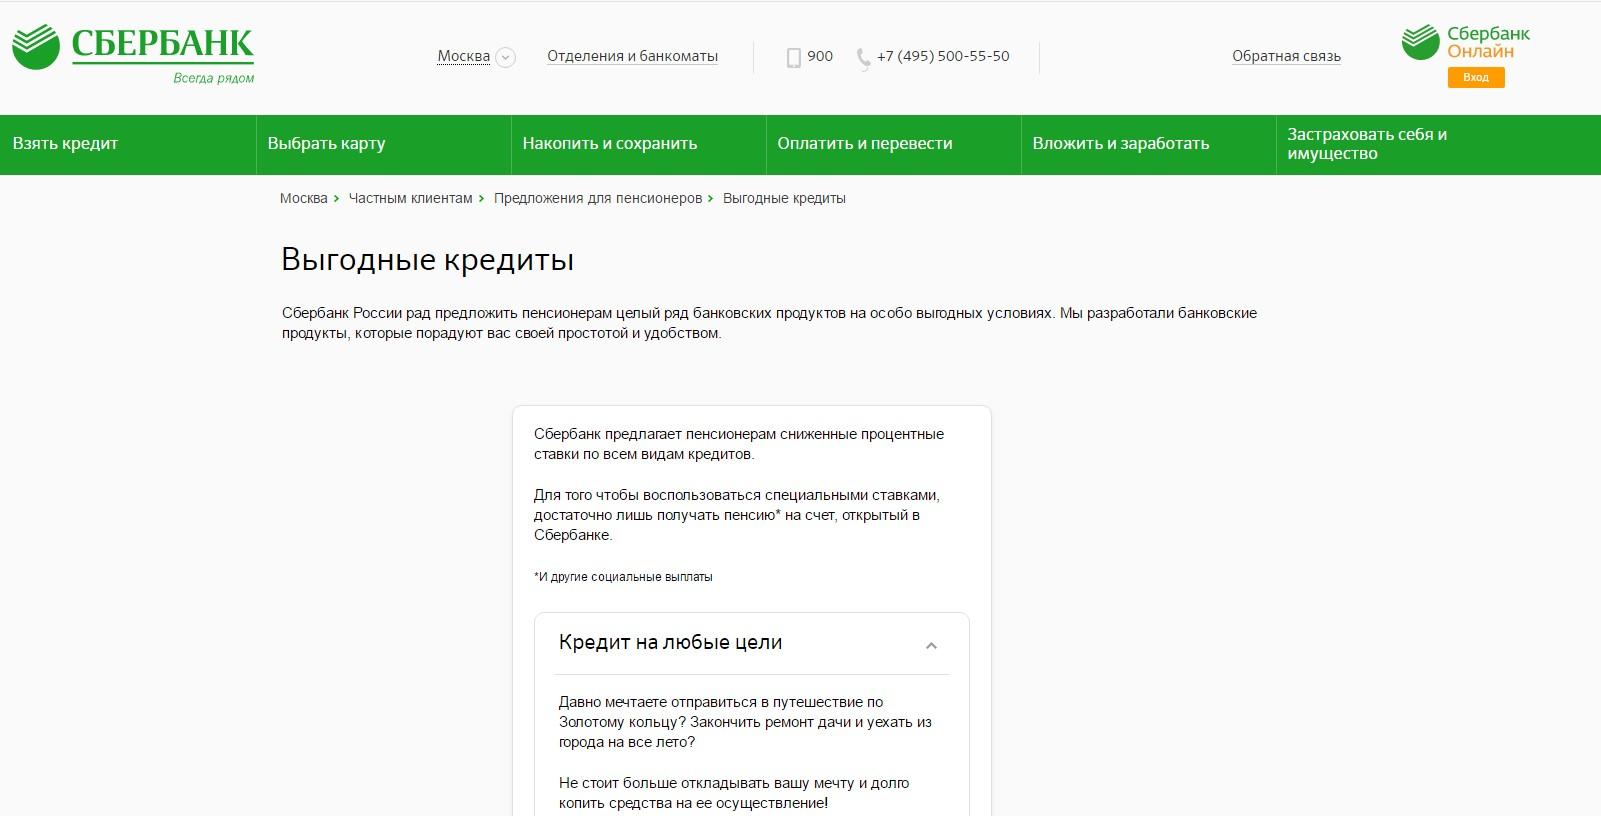 Кредит быстрый до 30000 - Официальный сайт